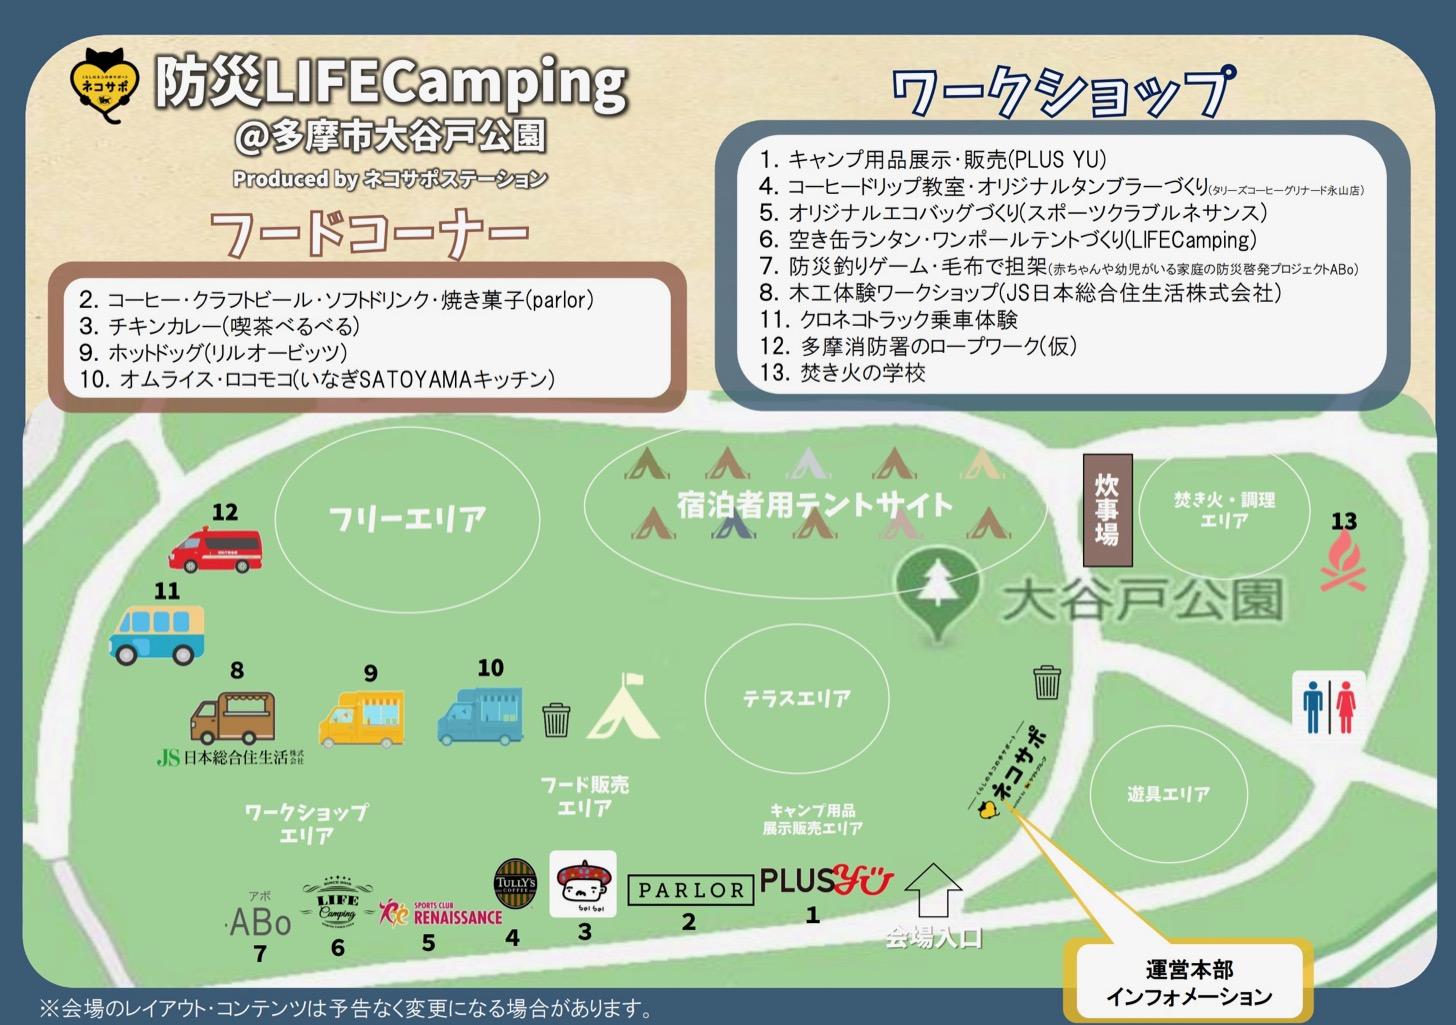 防災LIFECamping@多摩市大谷戸公園 Produced by ネコサポステーション